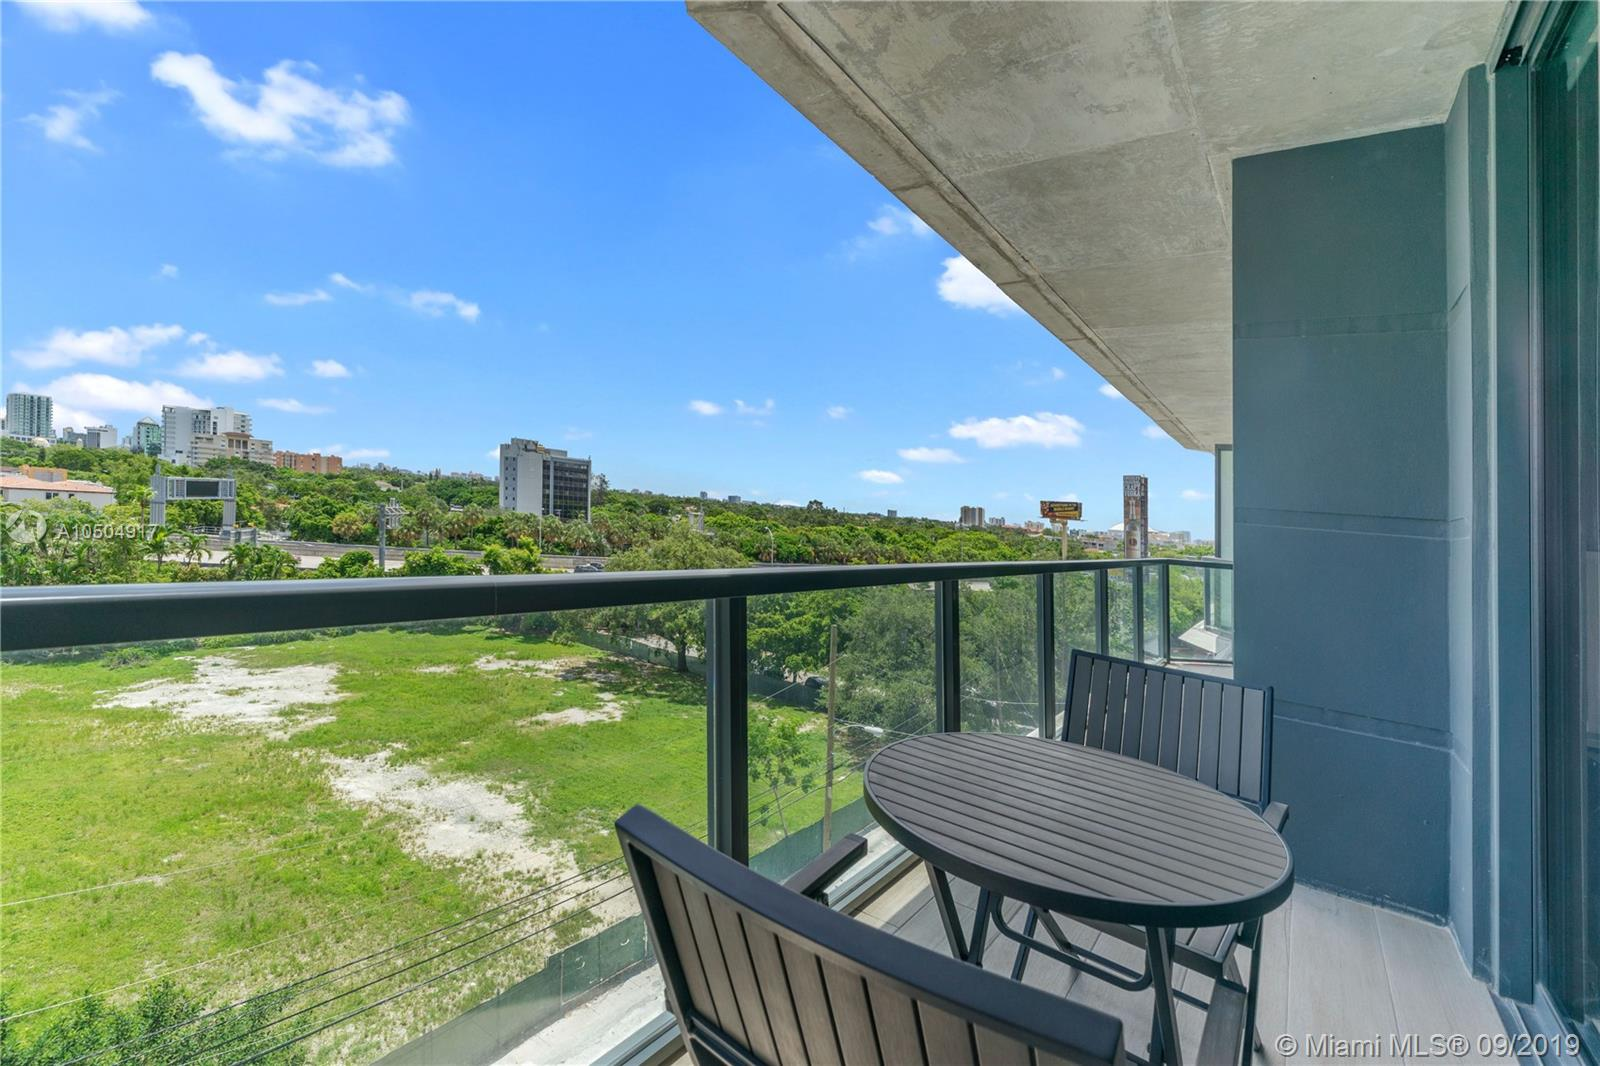 201 SW 17th Rd, Miami, FL 33129, Cassa Brickell #602, Brickell, Miami A10504917 image #7